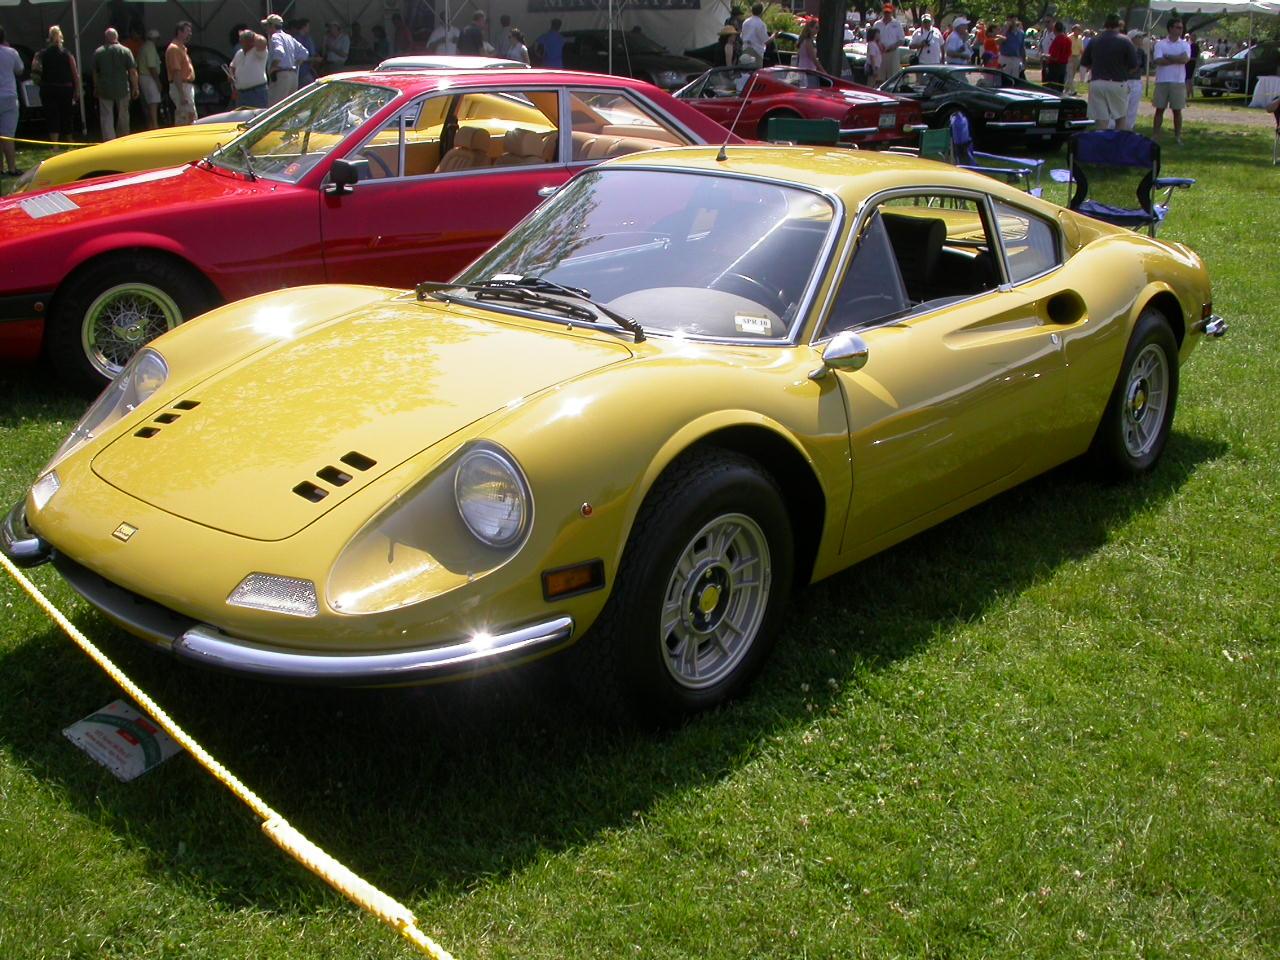 Ferrari Dino Greenwich Concours